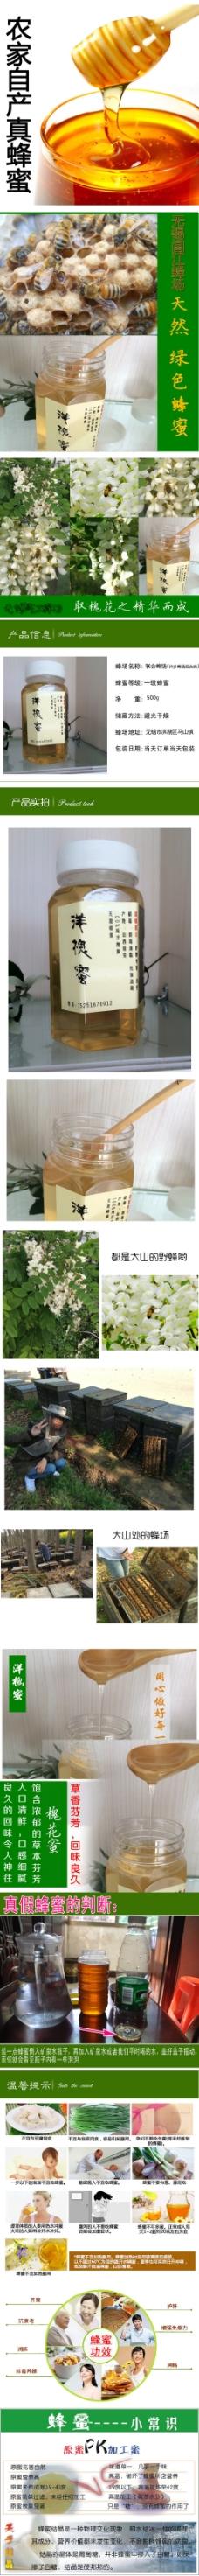 蜂蜜详情页